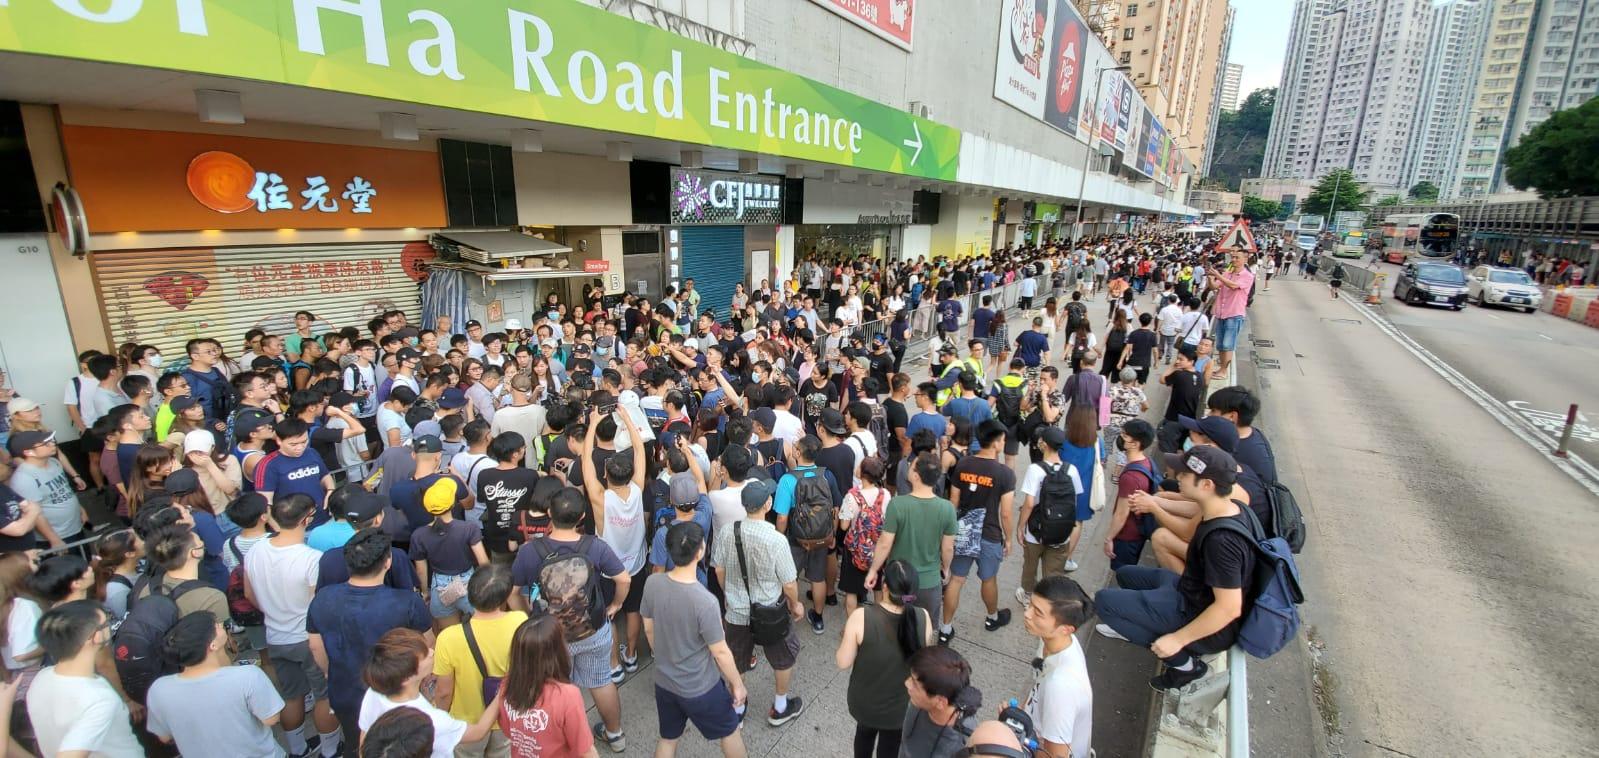 淘大商場外人群不滿警察執法